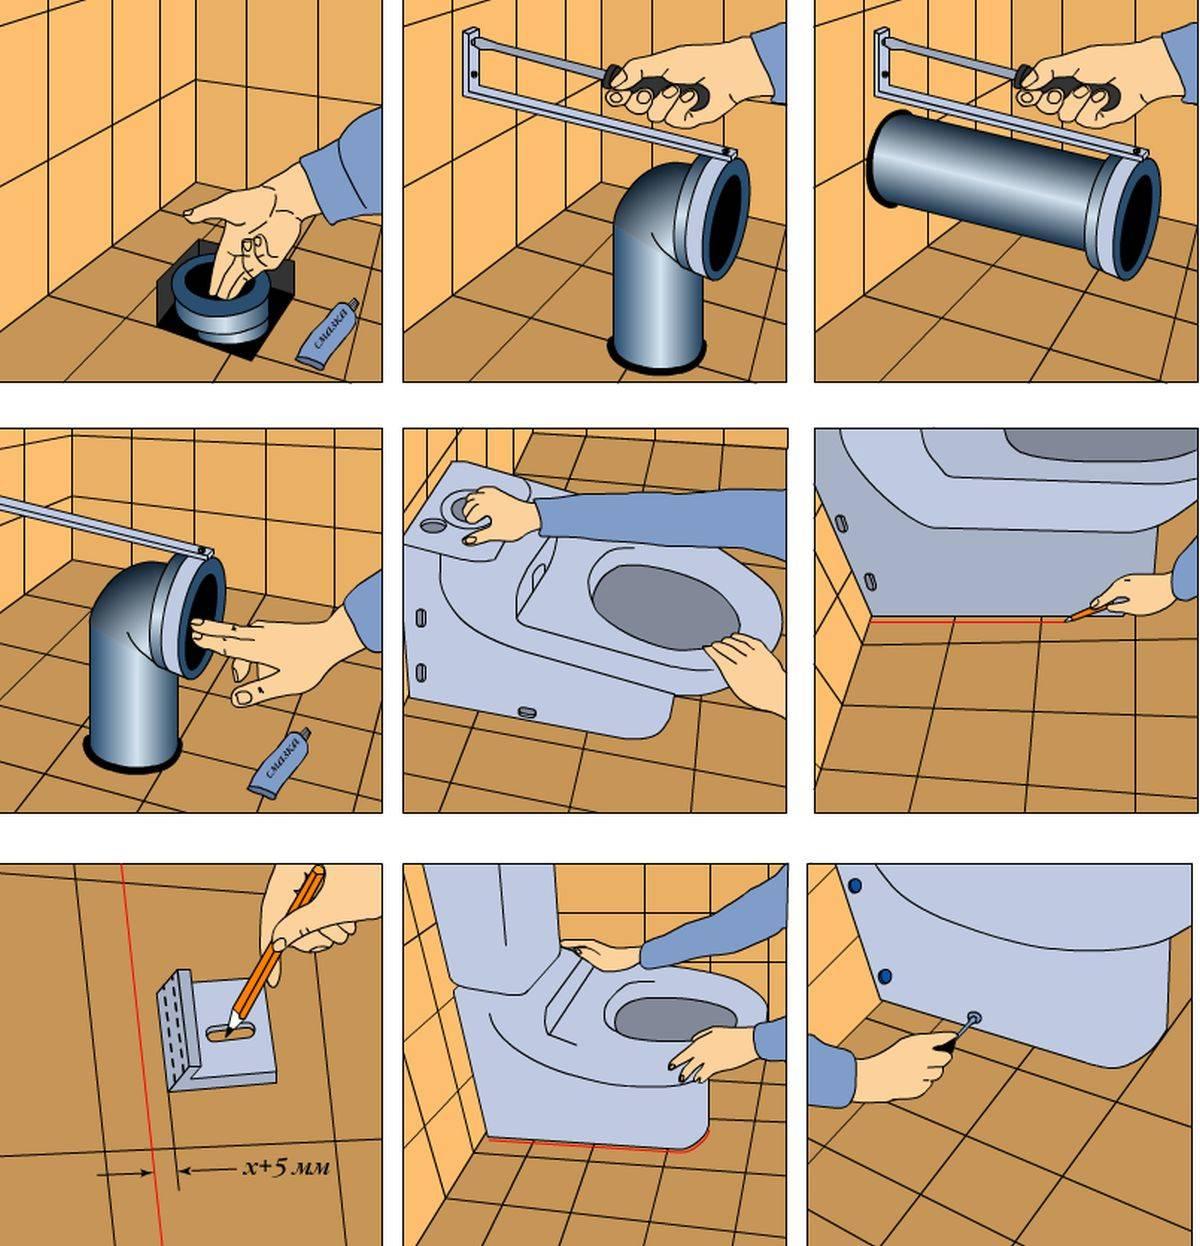 Как установить унитаз в частном доме на деревянный пол своими руками: пошаговая инструкция